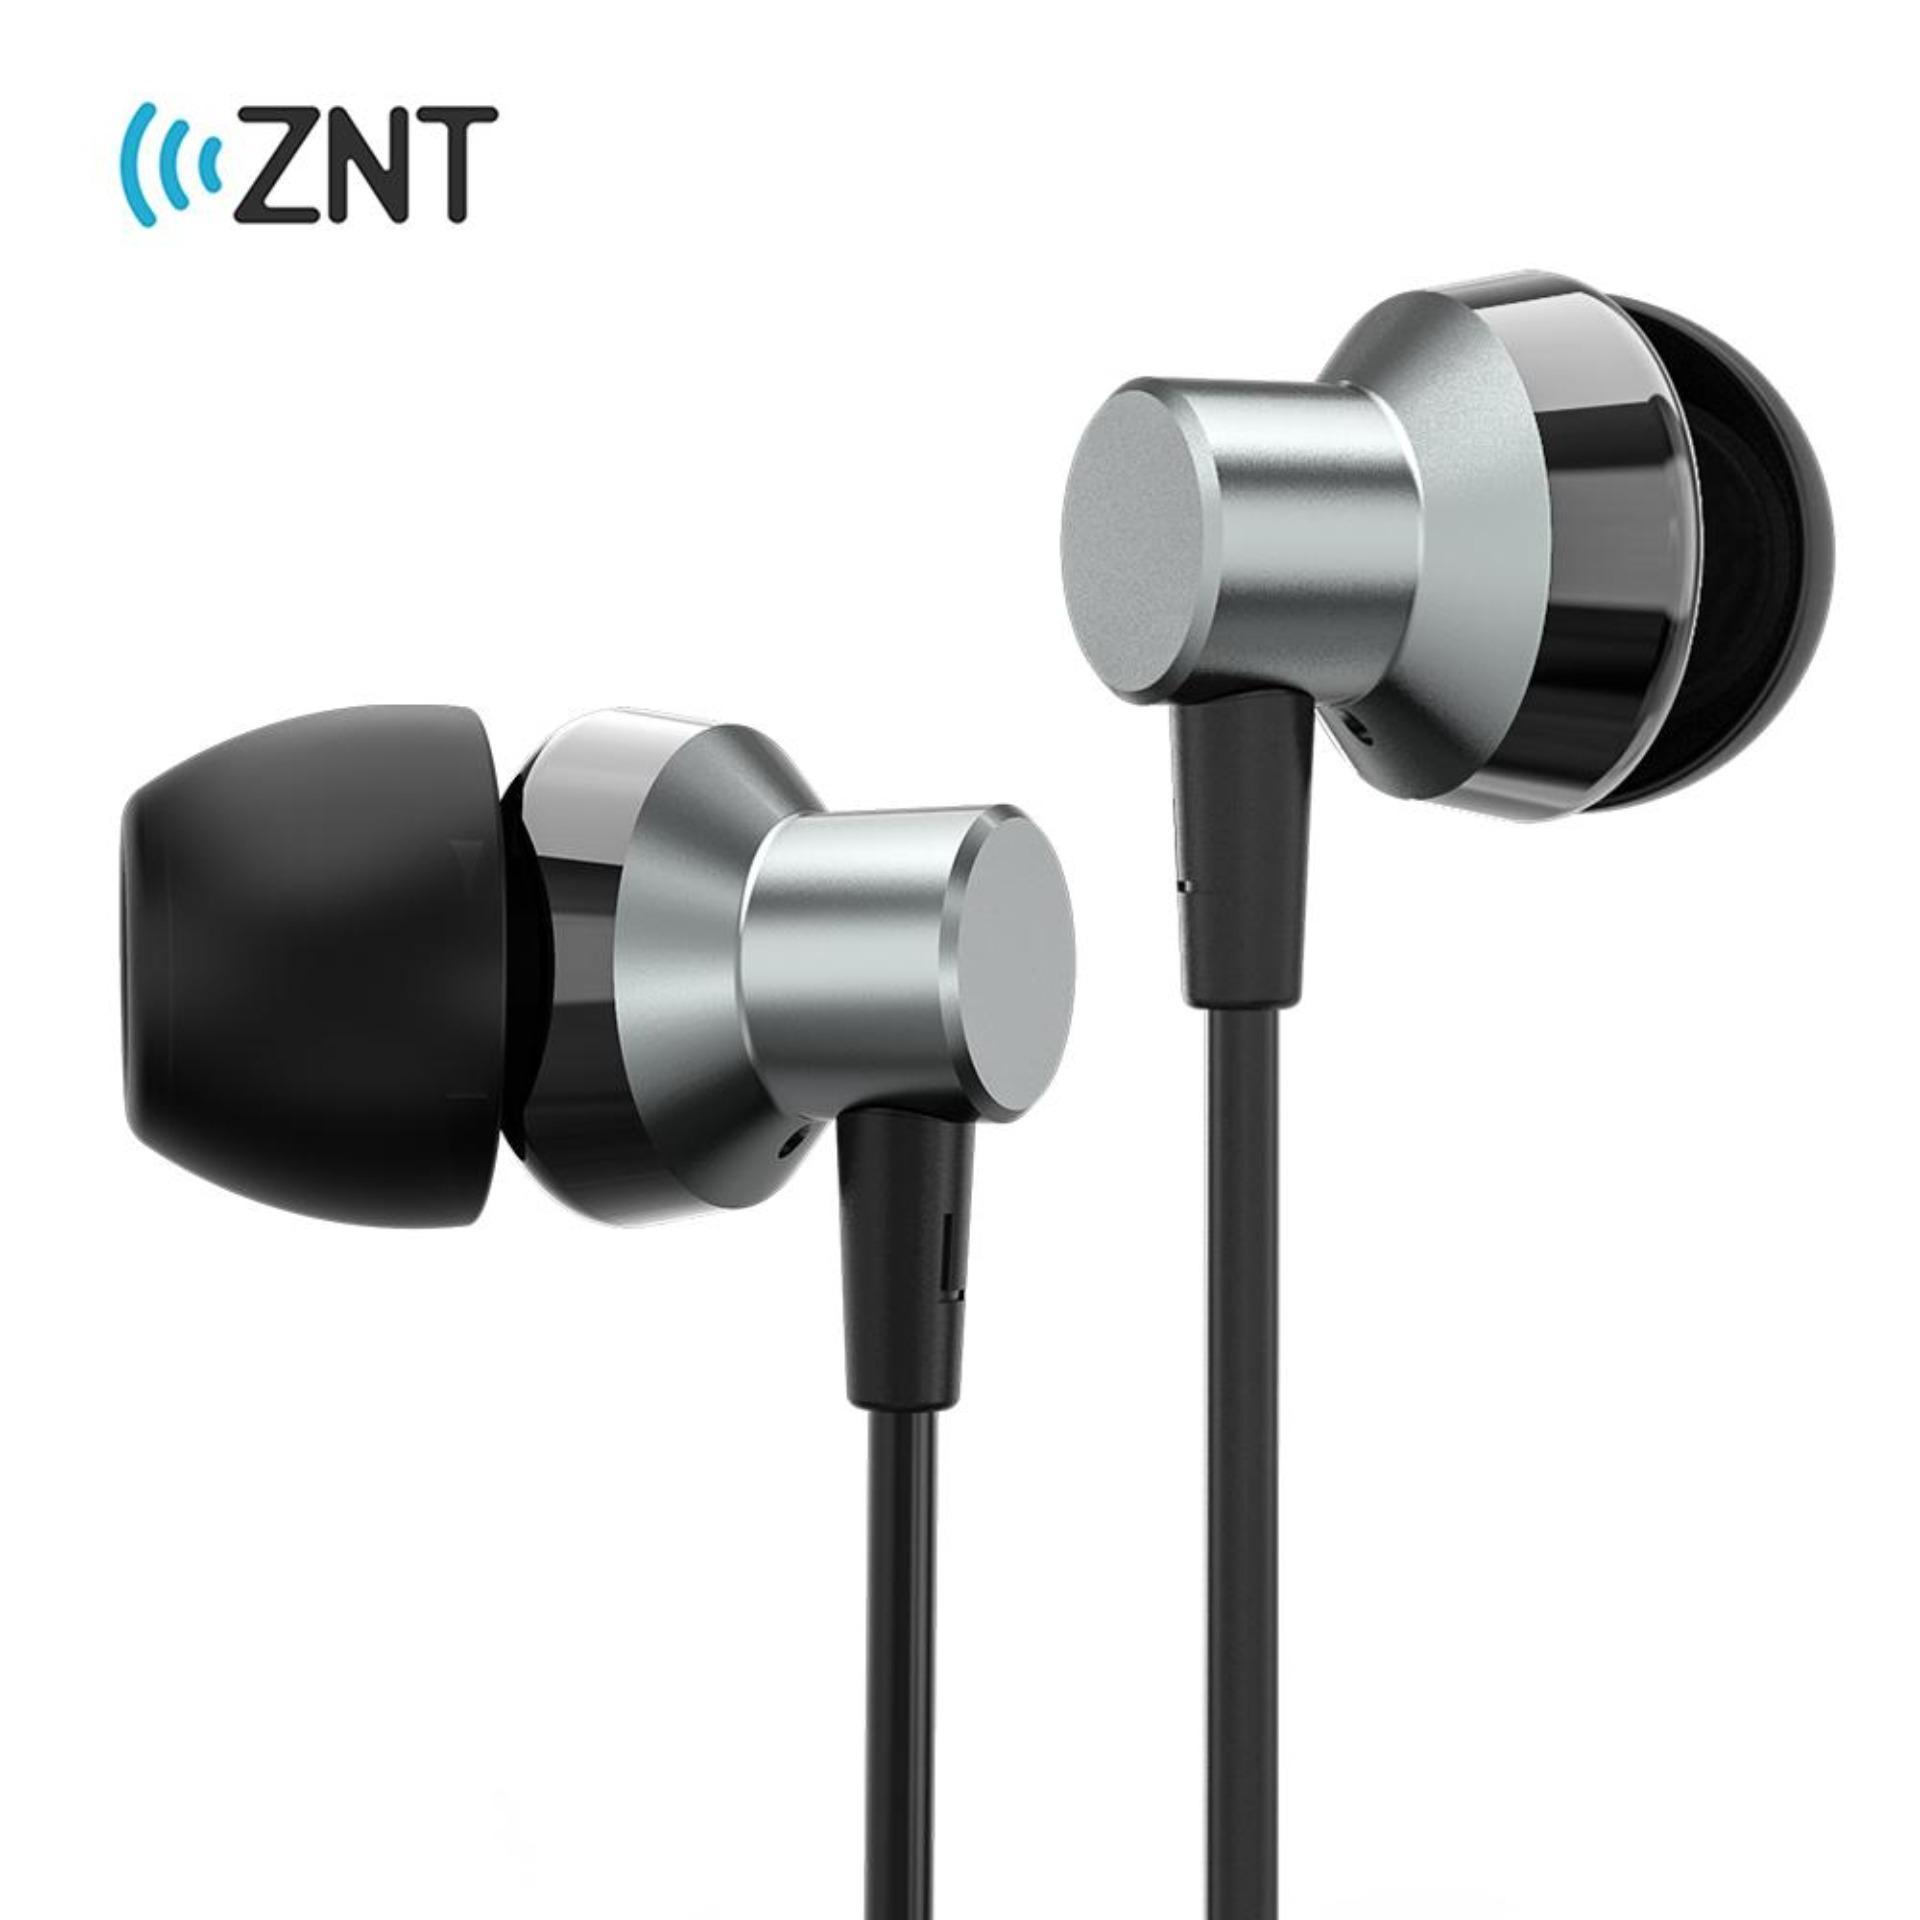 【Mới】 Tai nghe trong tai ZNT R620 Tai nghe 3,5 mm chất lượng cao có micrô